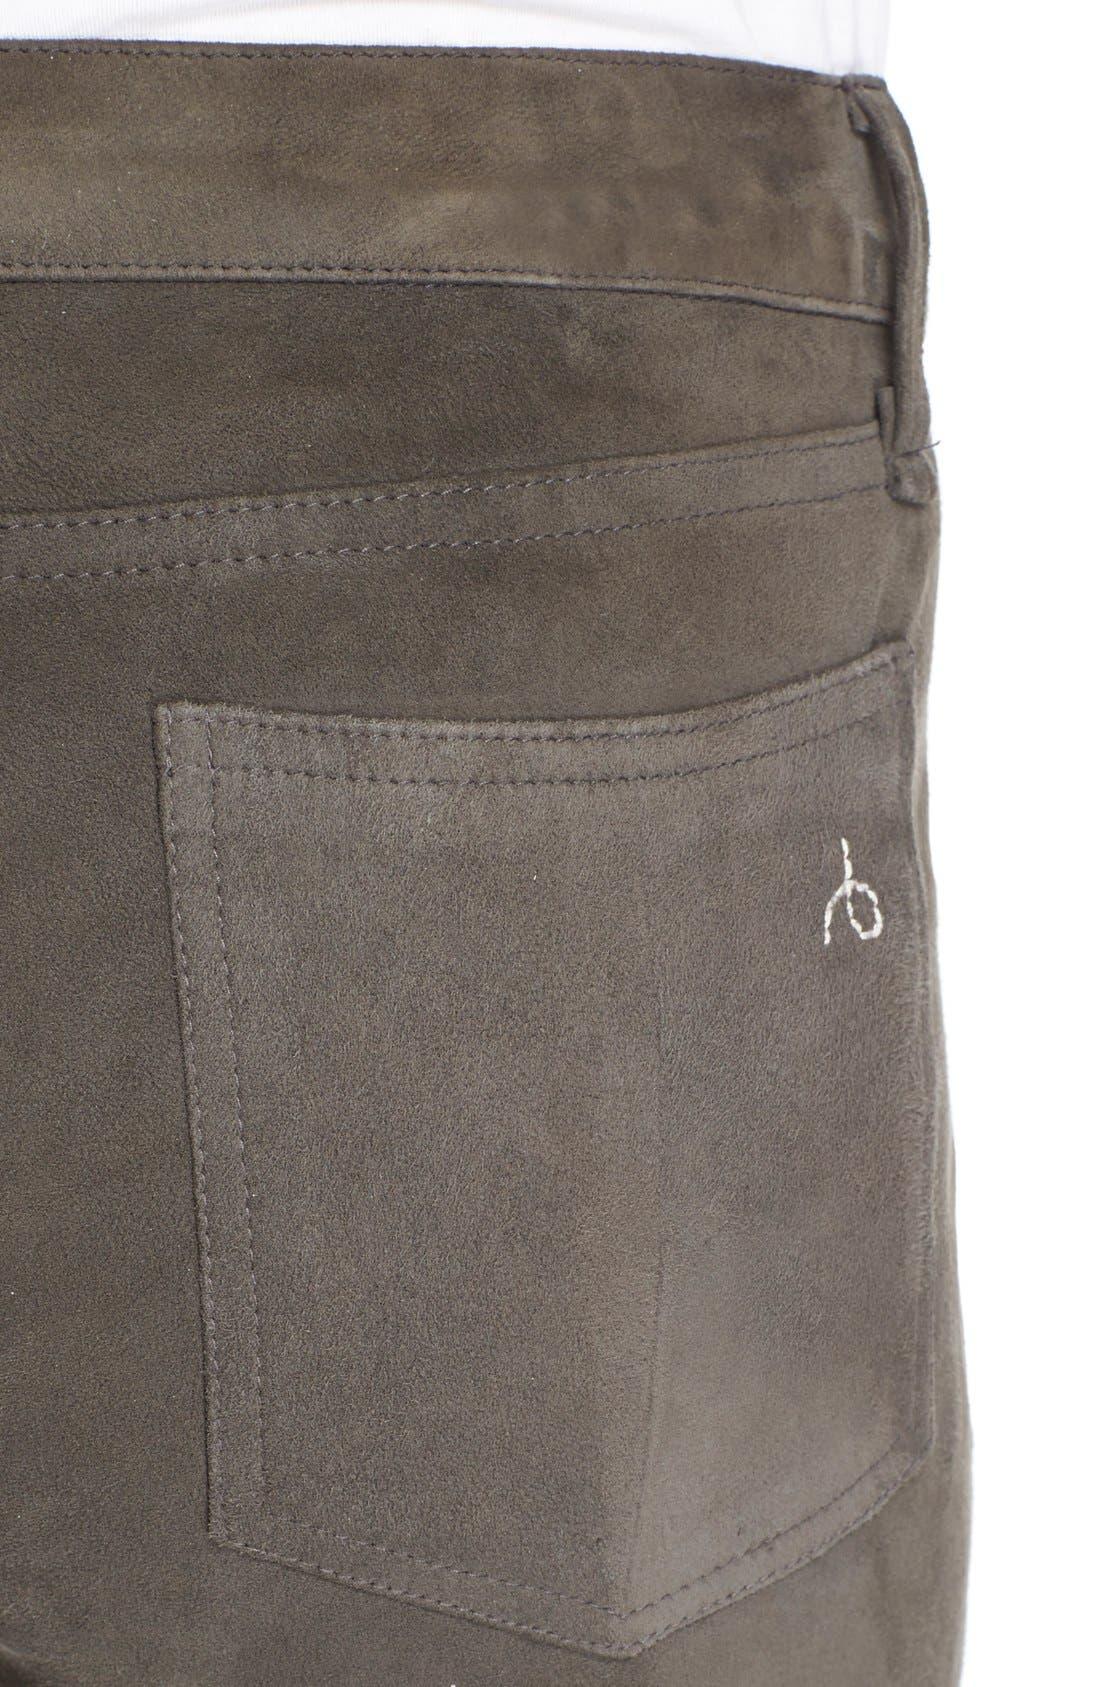 Alternate Image 4  - rag & bone/JEAN 'RBW23' Suede Skinny Pants